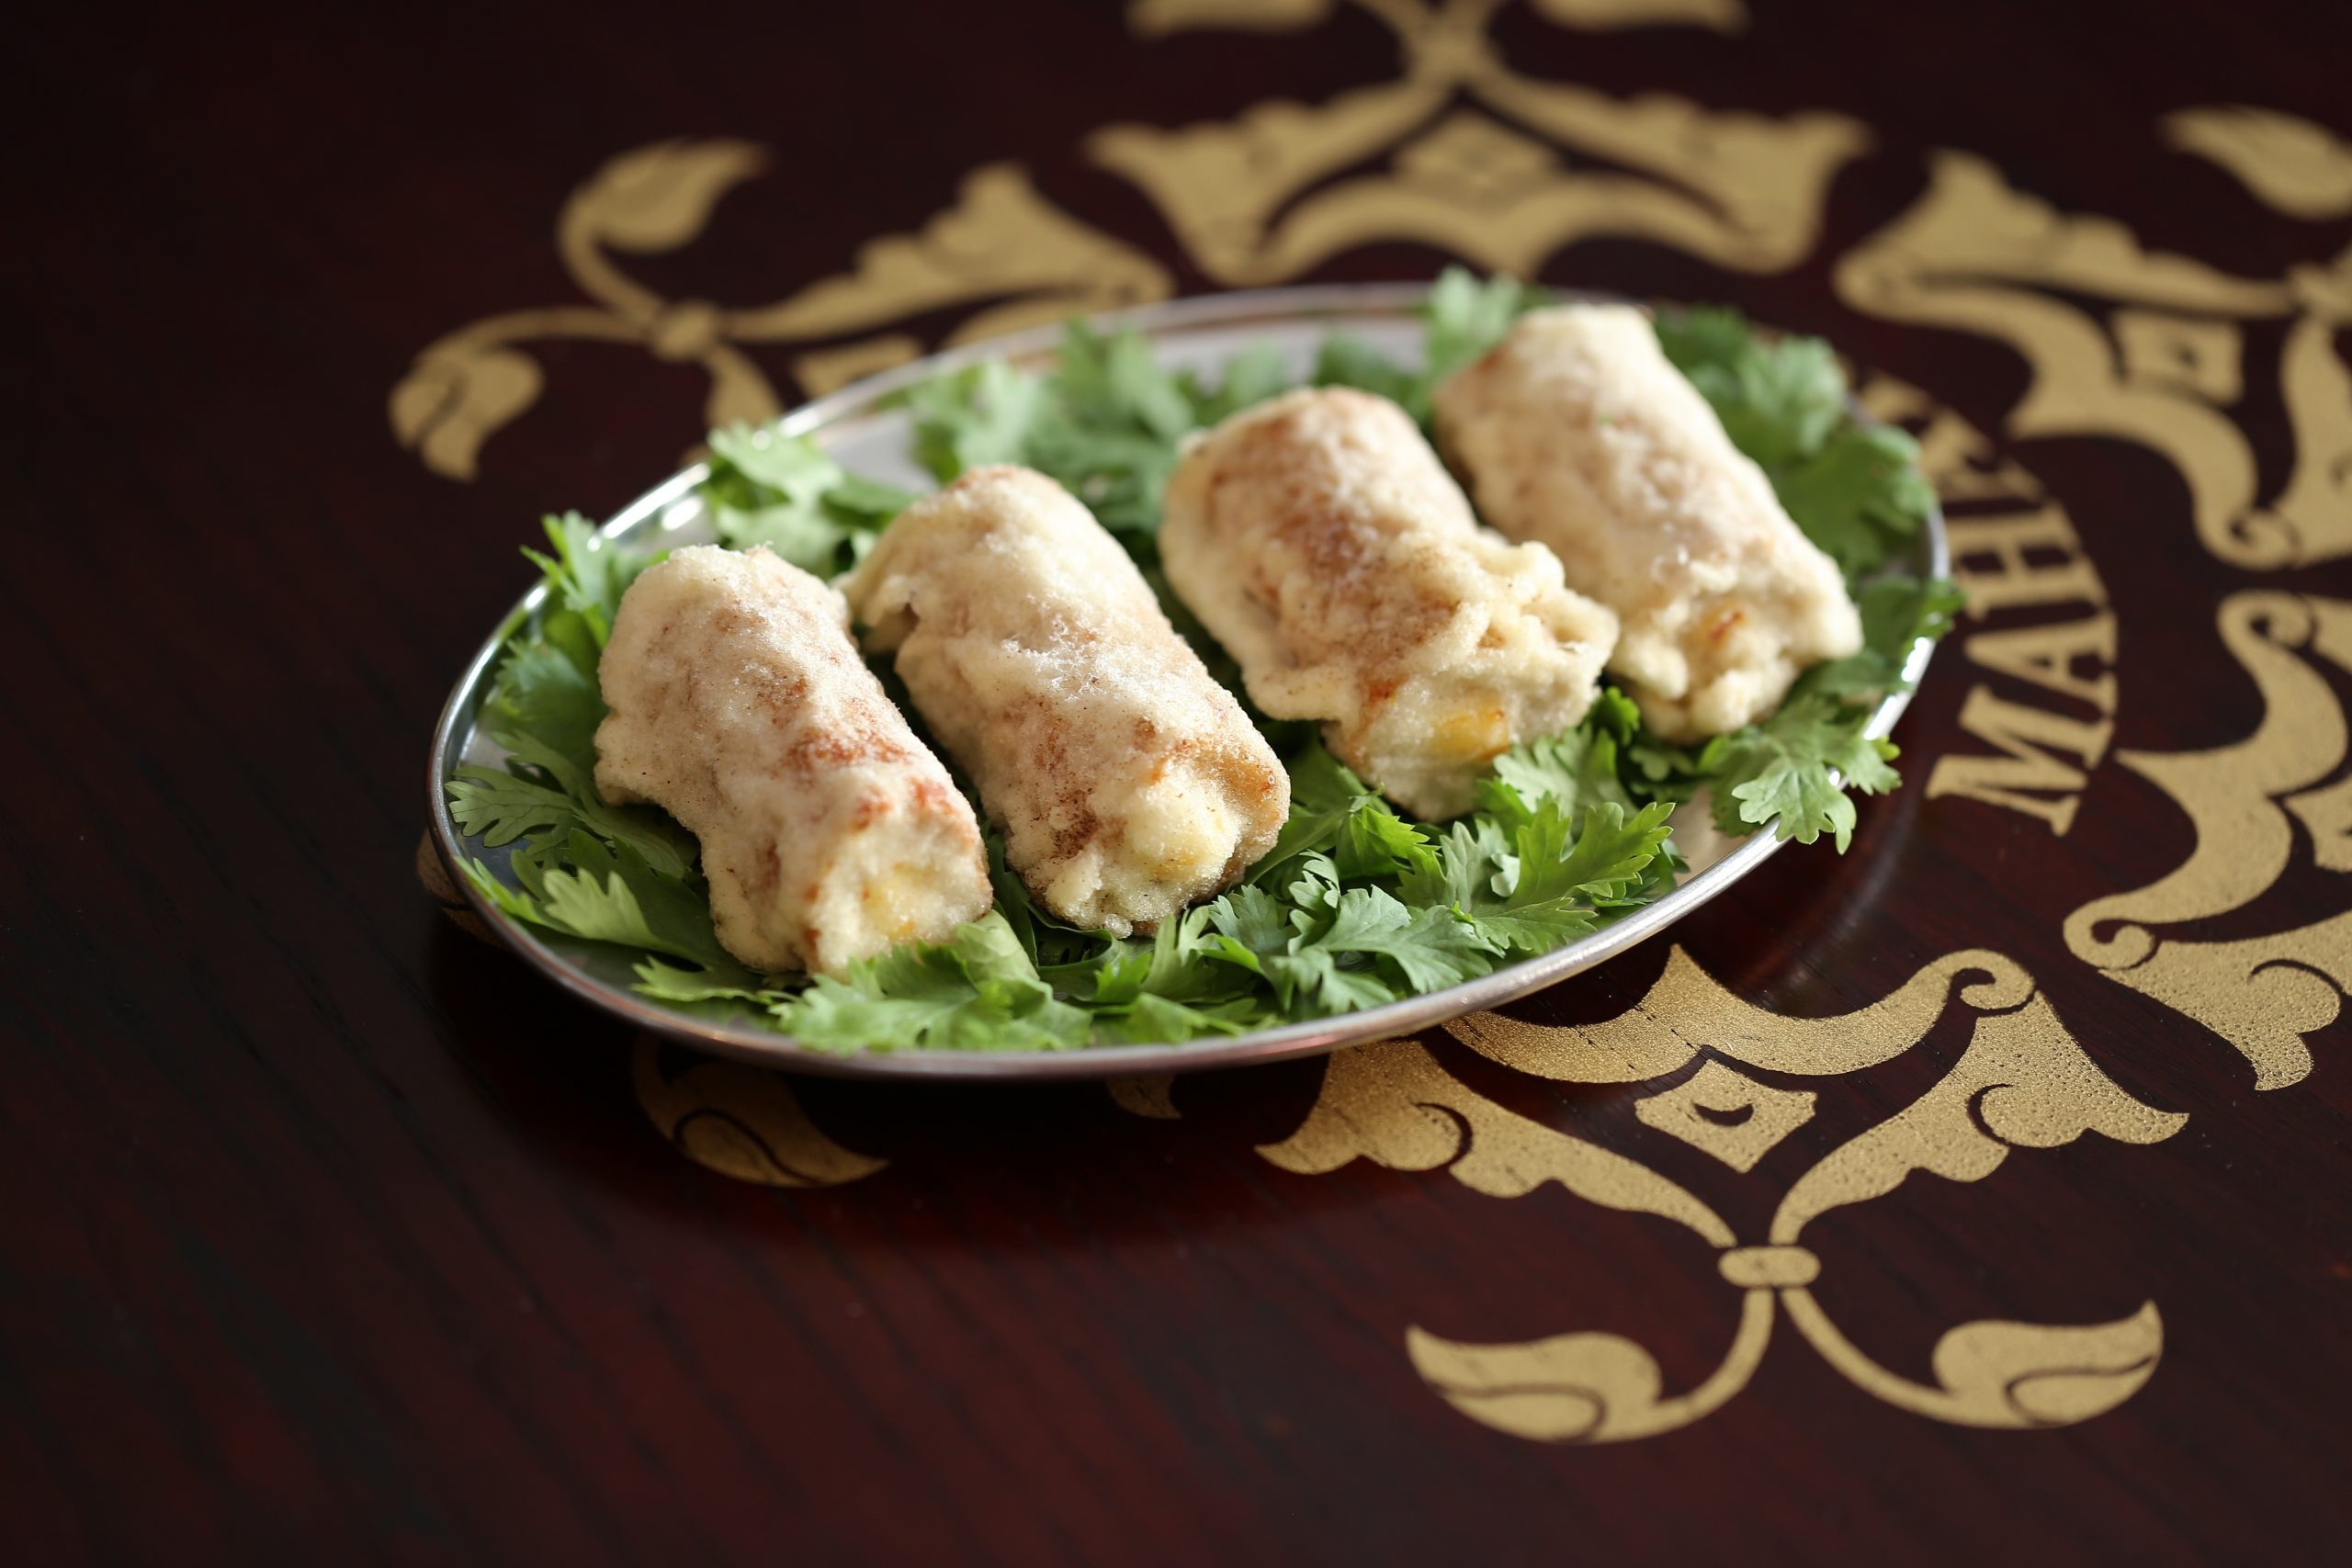 رول دجاج (4 قطع)